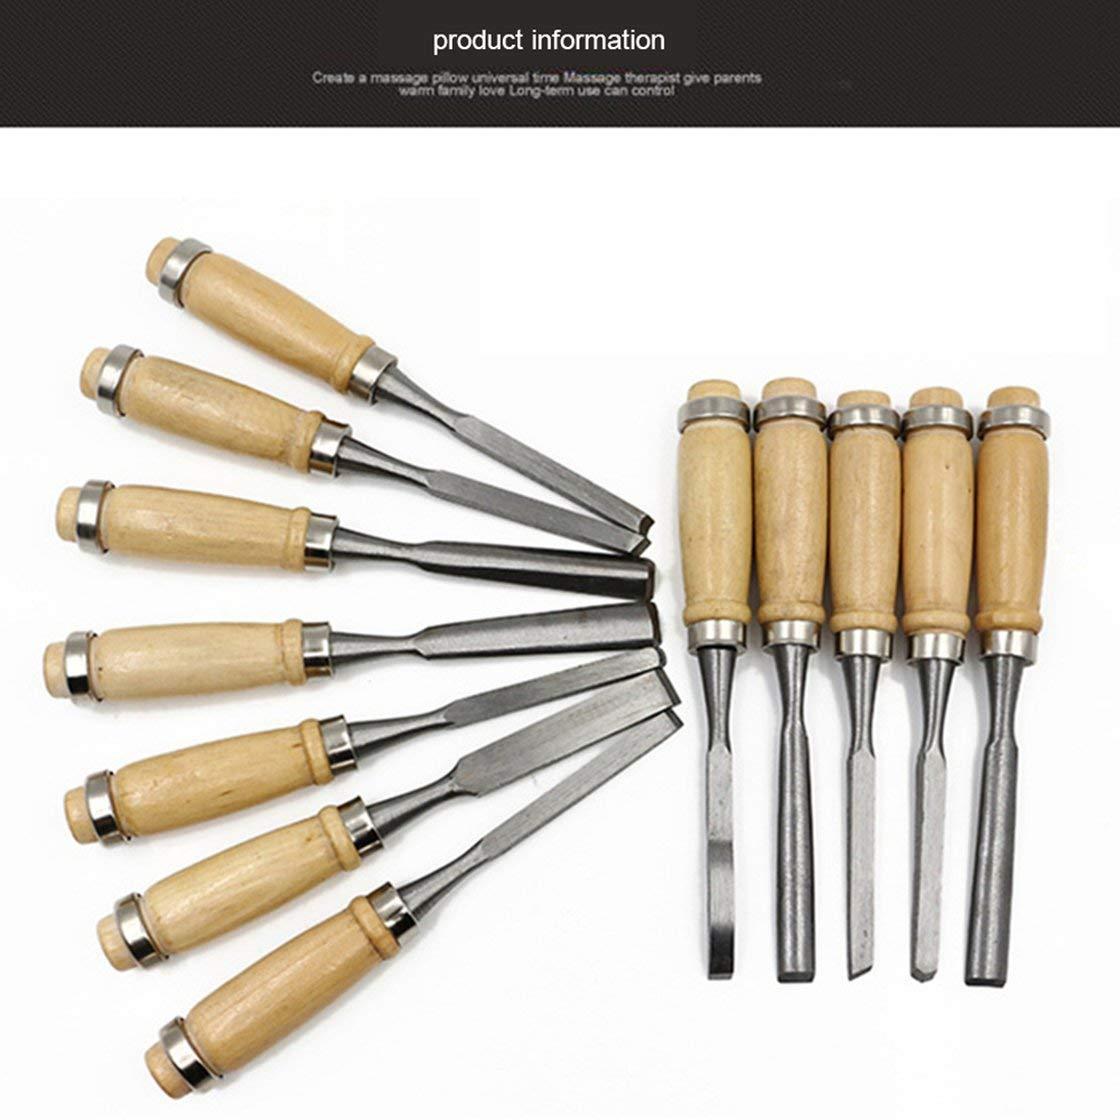 Juego de herramientas de madera tallada a mano 12 piezas Gubias profesionales con bolsa cincel